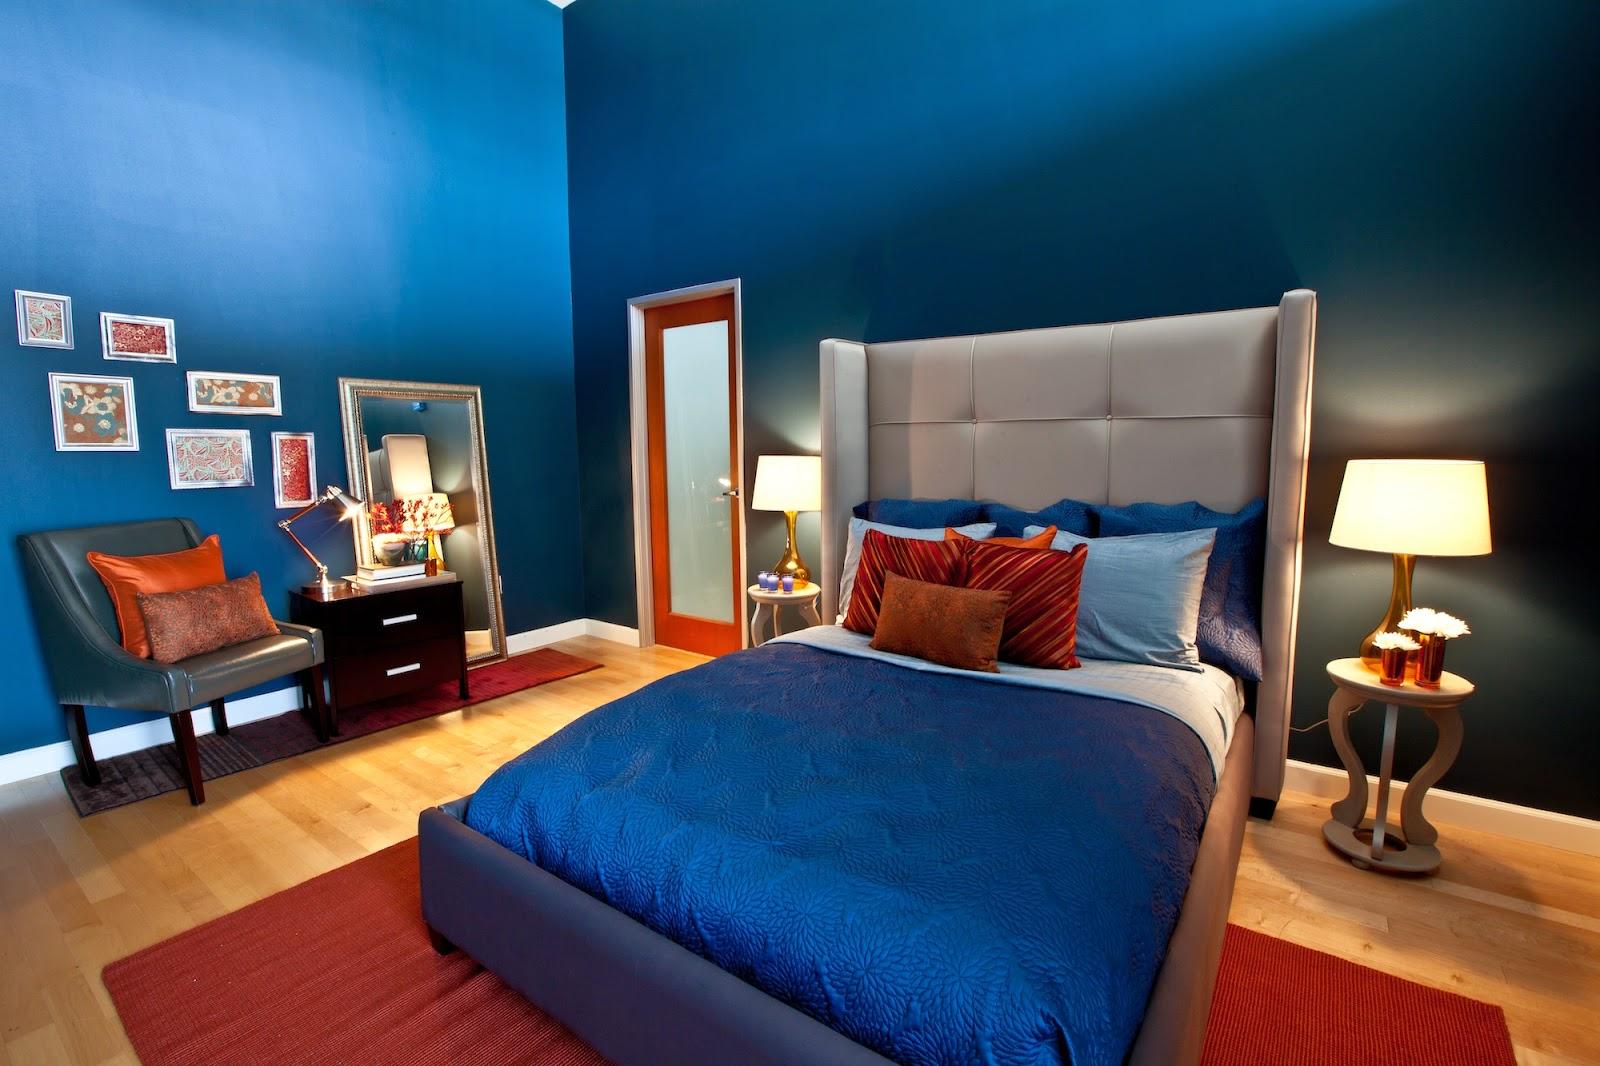 kombinasi warna cat kamar tidur utama | interior rumah